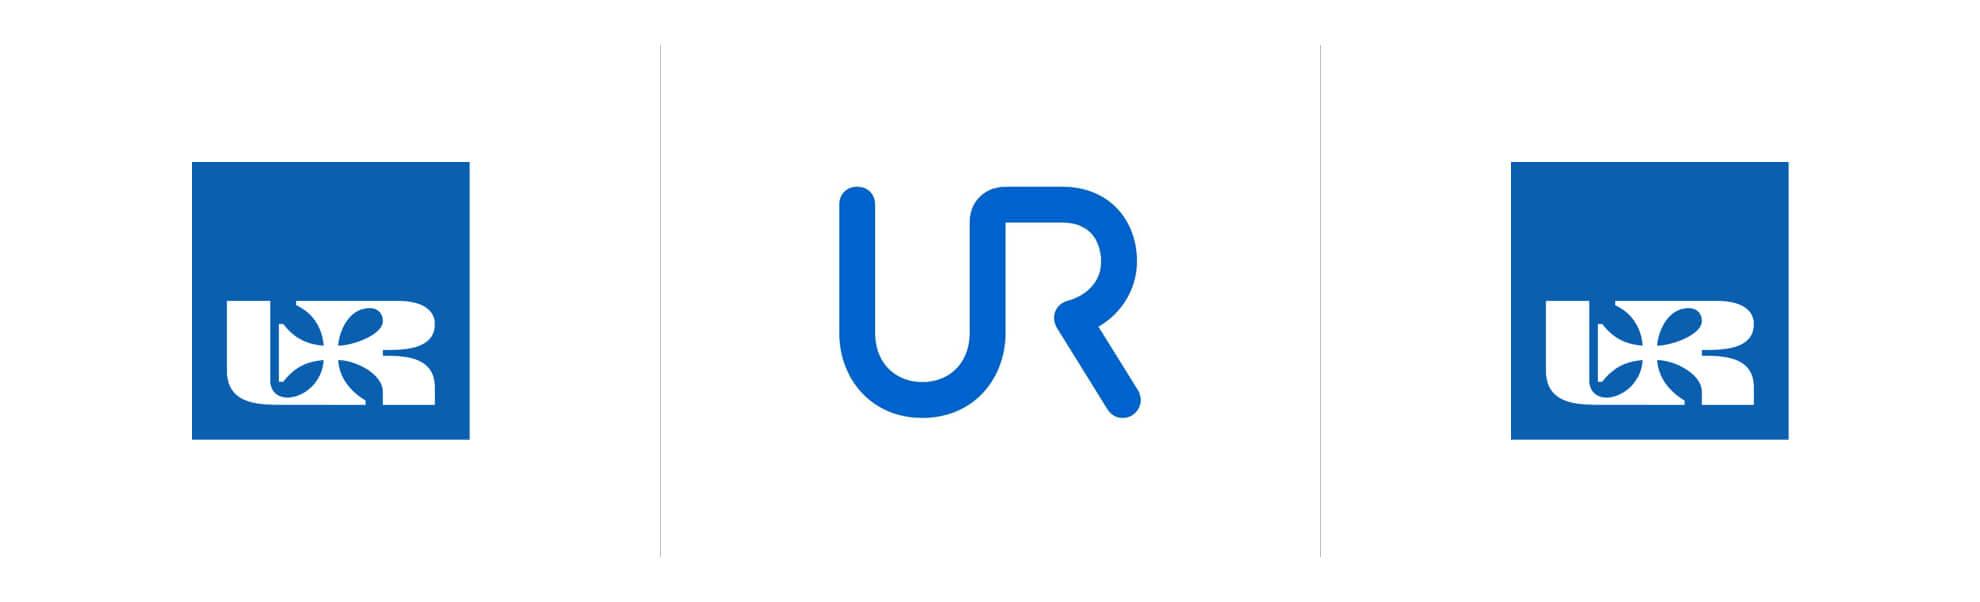 Uniwersytet Rzeszowski ijego nieudany rebranding